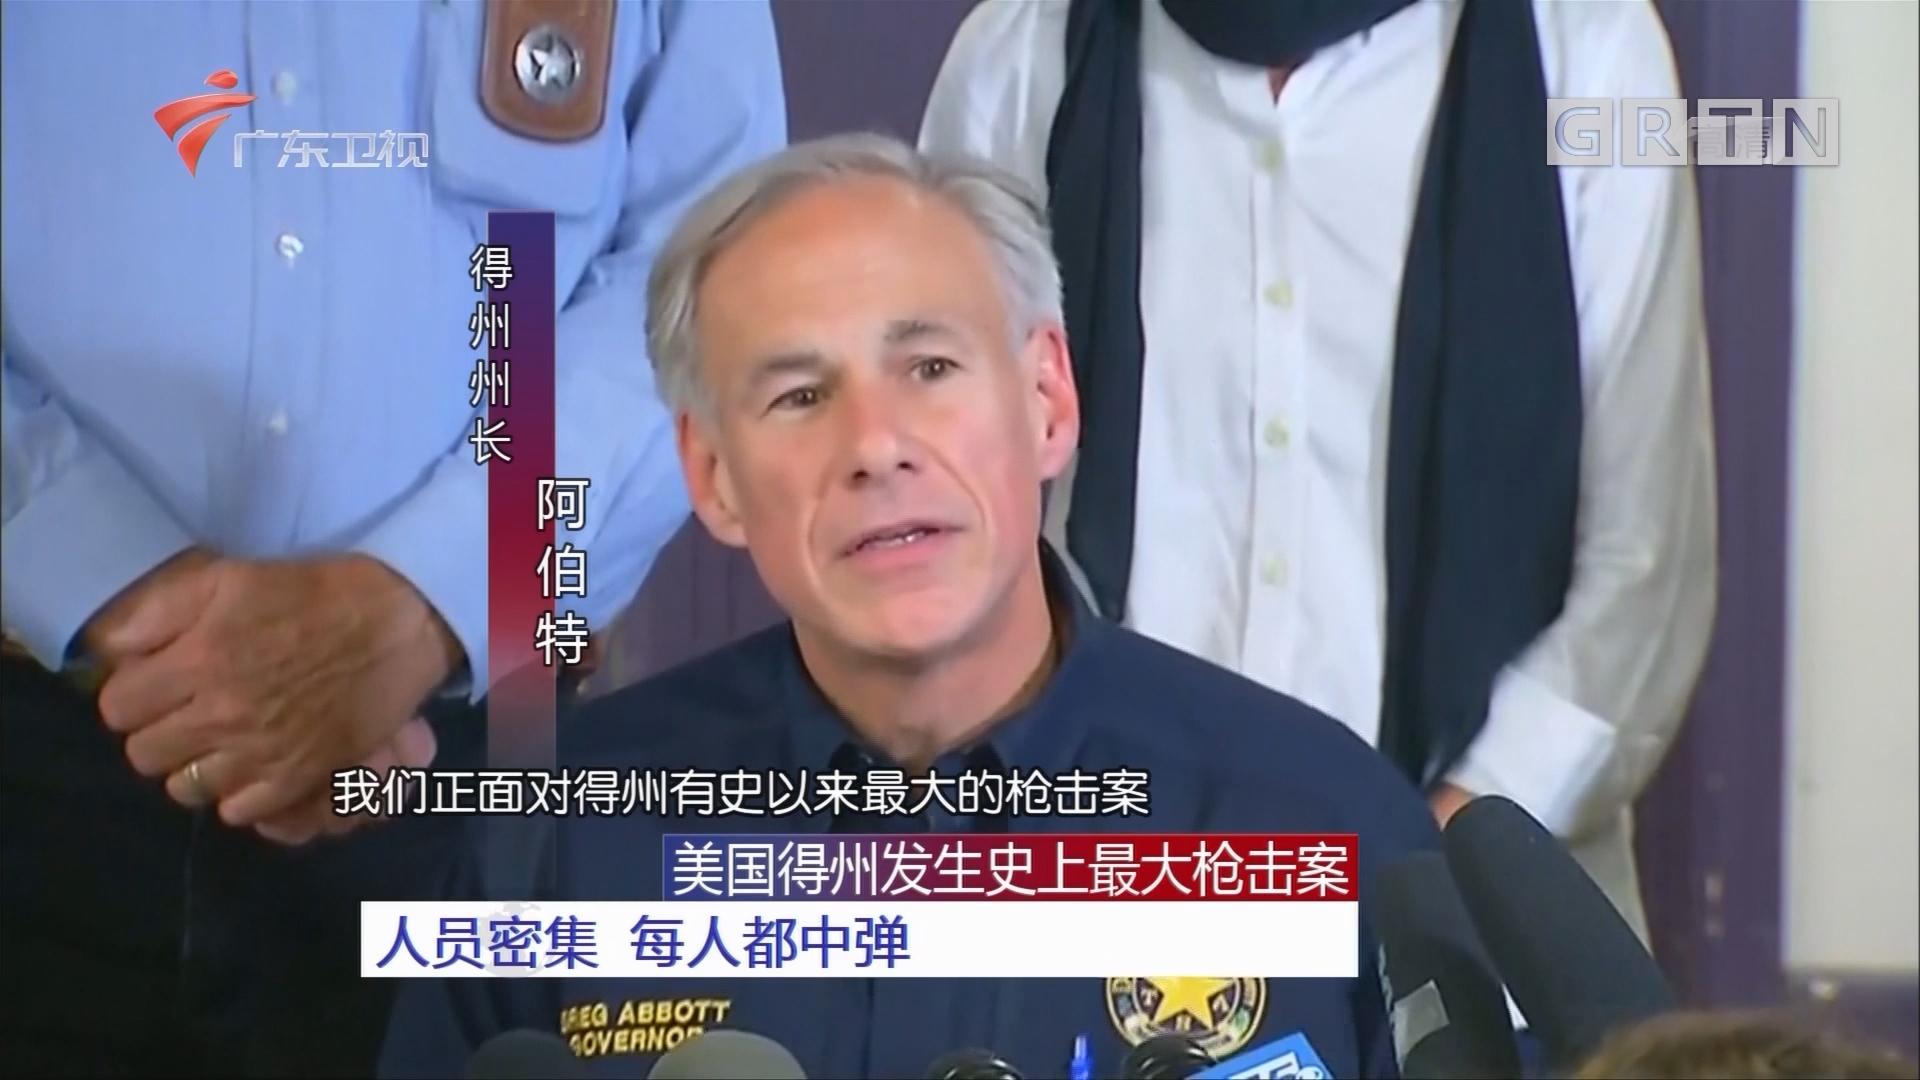 美国得州发生史上最大枪击案:人员密集 每人都中弹